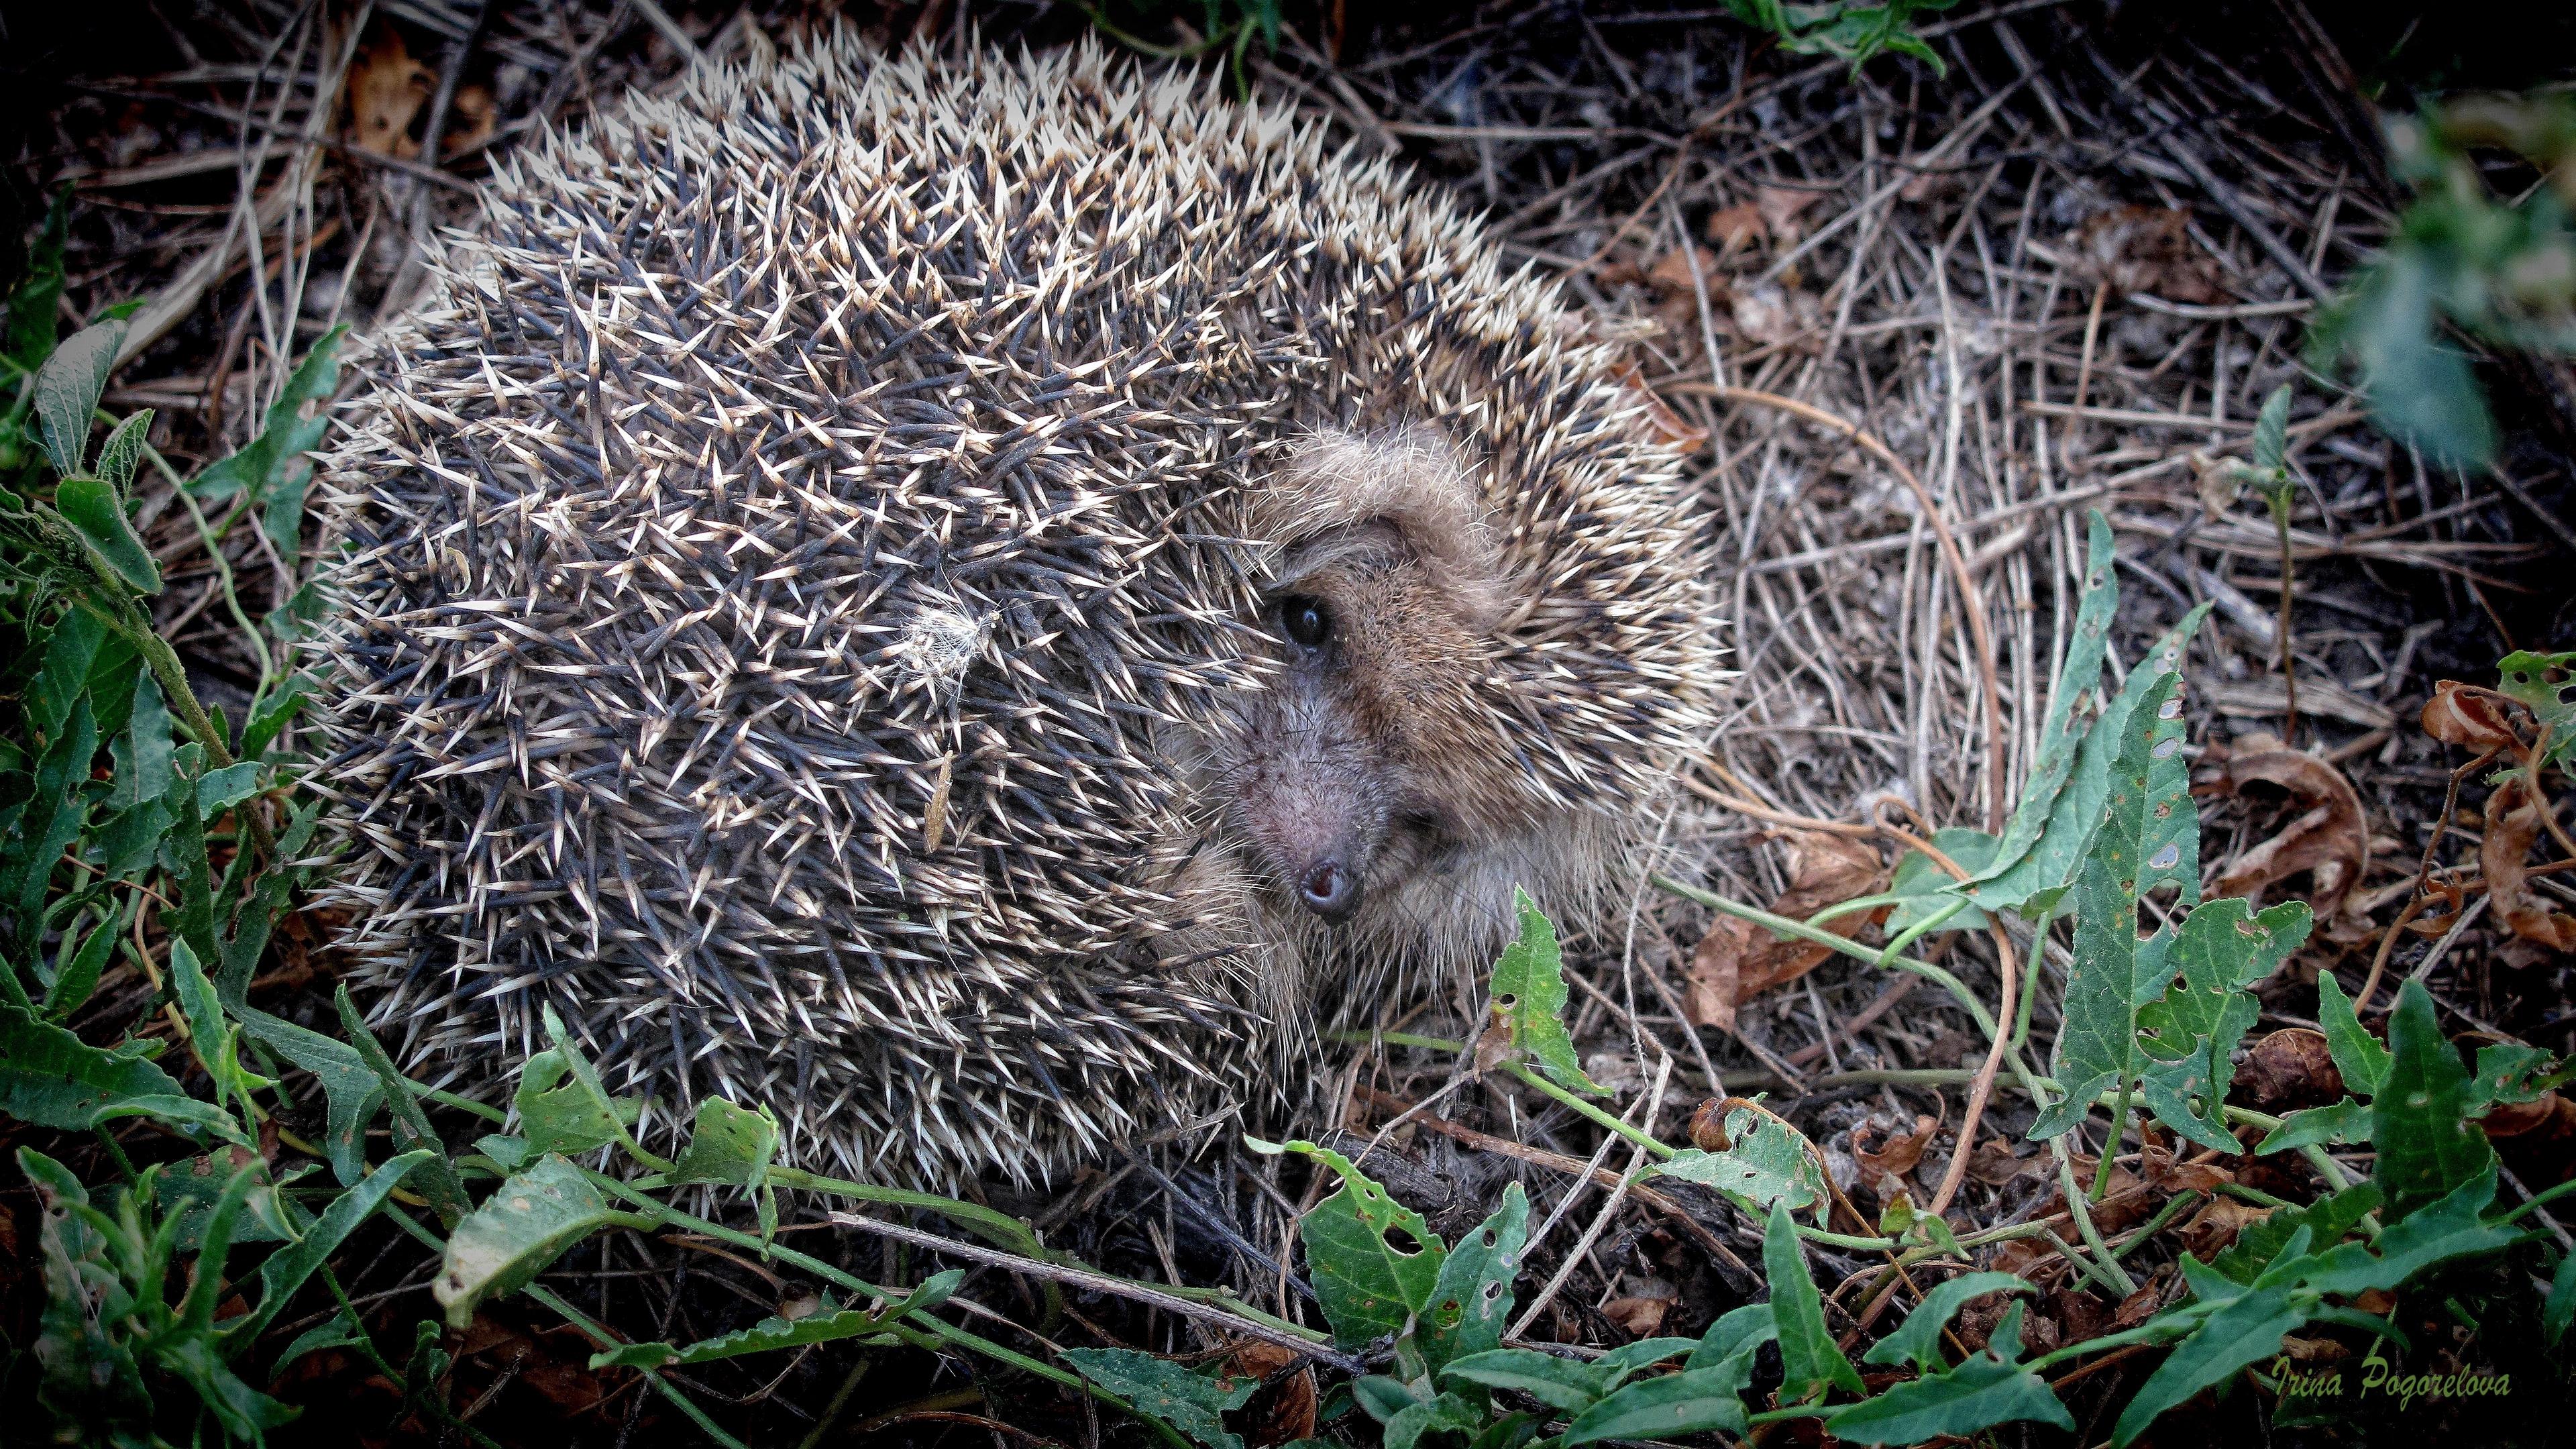 hedgehog grass fall nose 4k 1542242108 - hedgehog, grass, fall, nose 4k - hedgehog, Grass, Fall